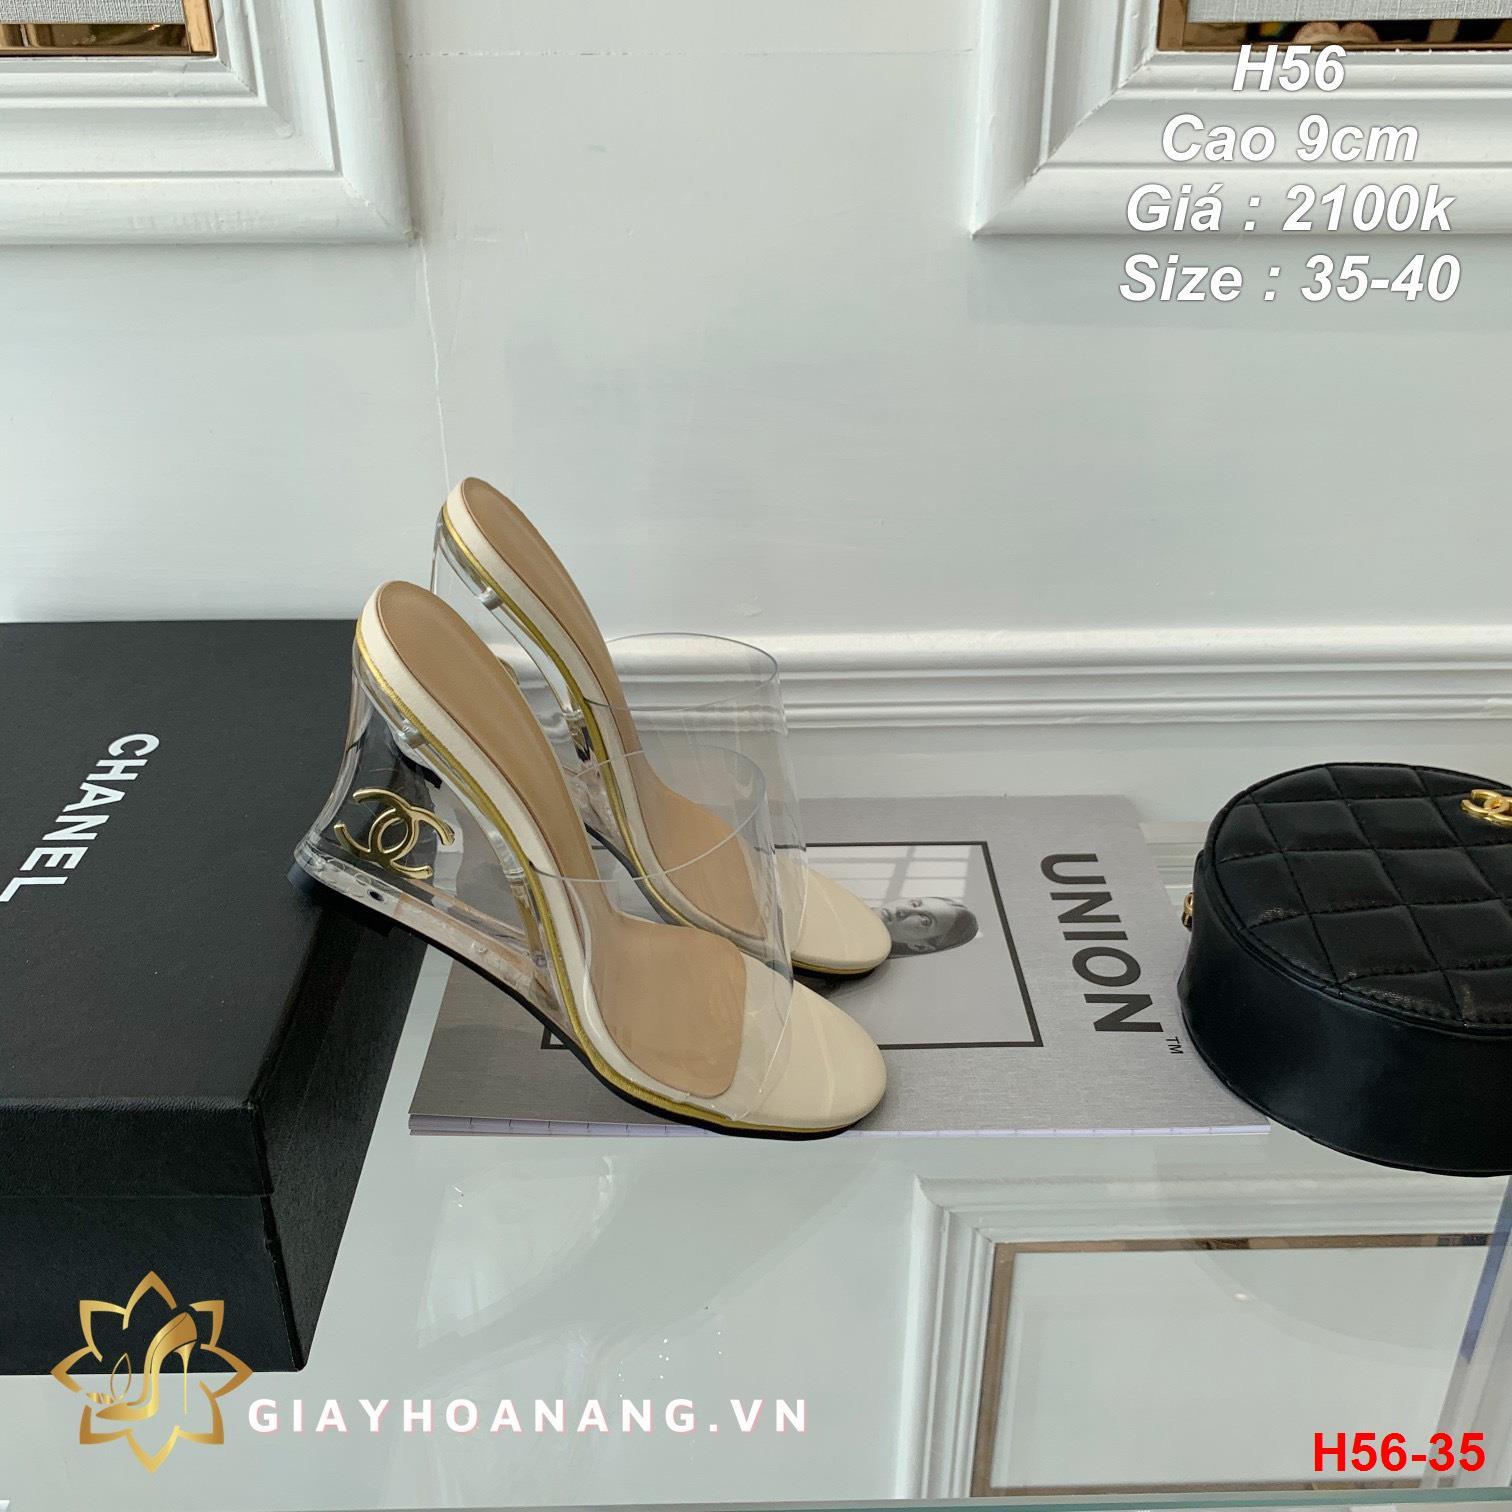 H56-35 Chanel dép cao 9cm siêu cấp